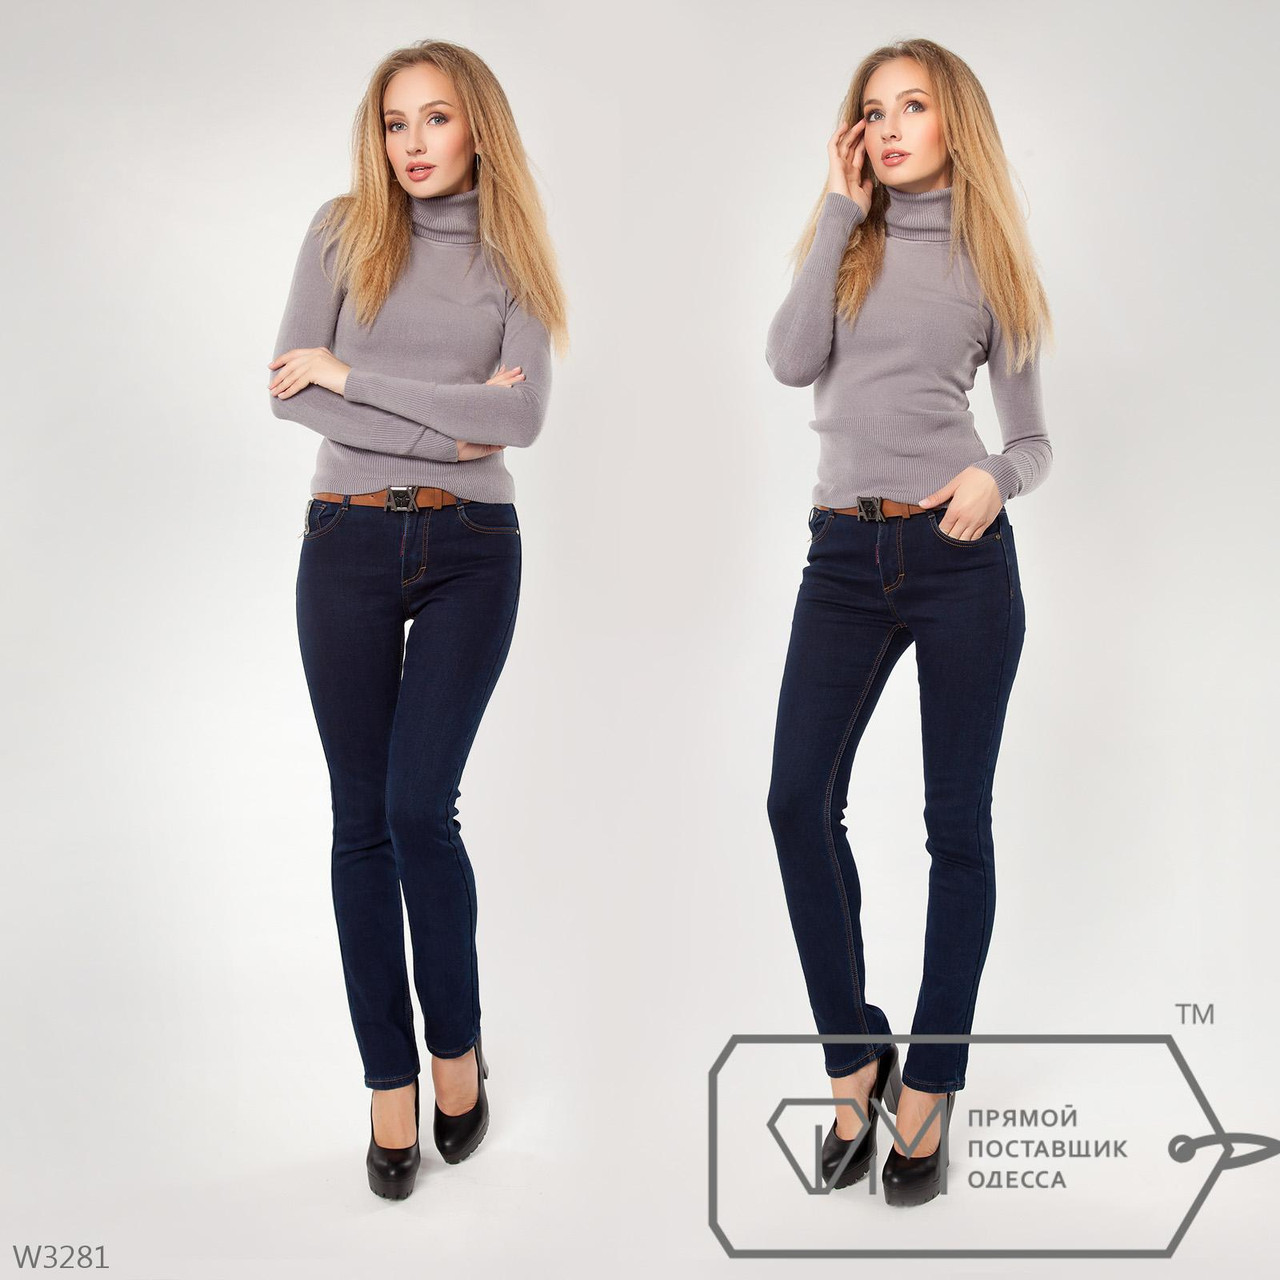 Размер Одежды Джинсы